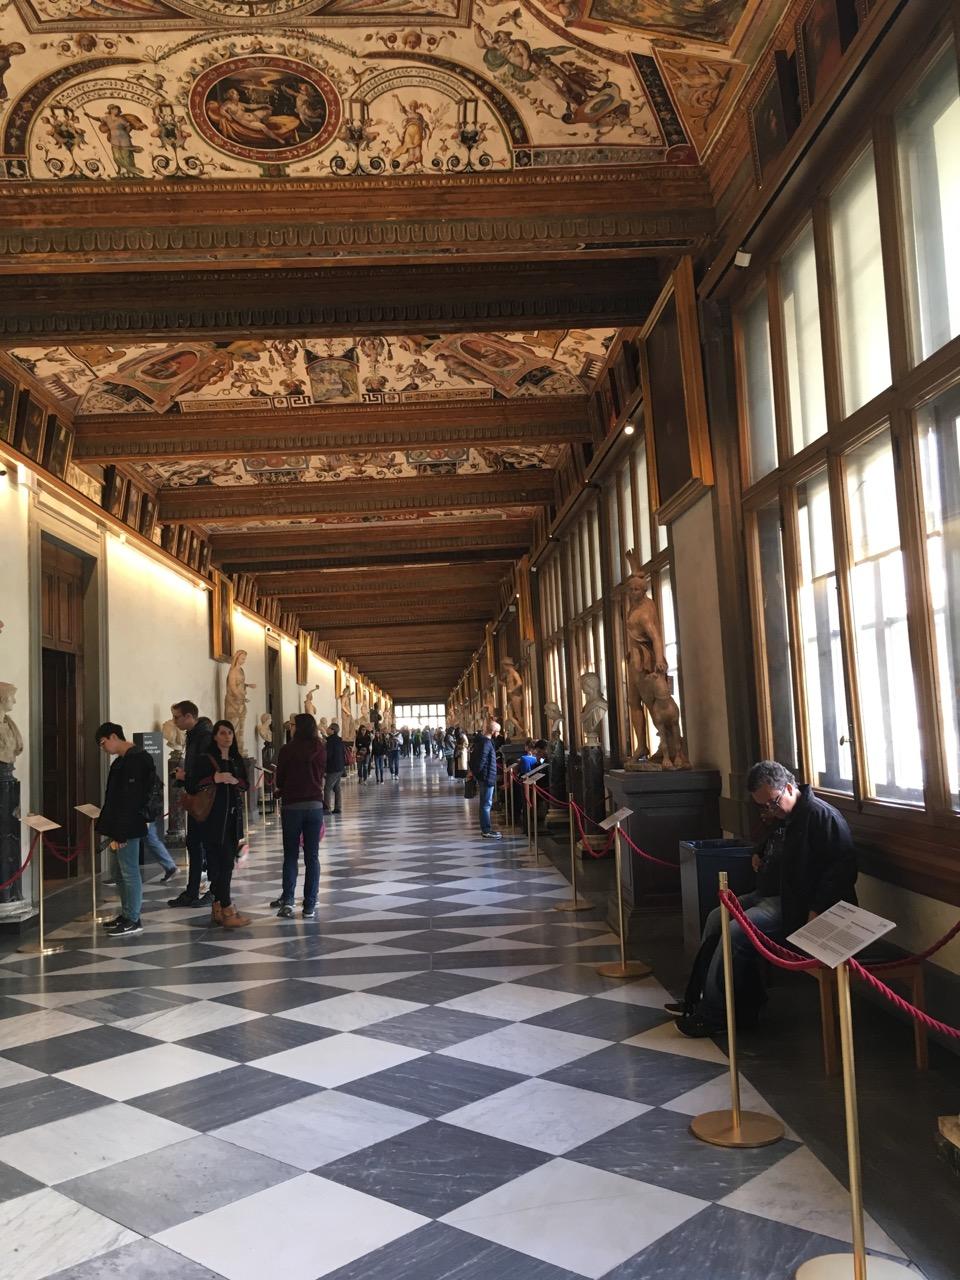 有好几层,这是开始的地方,一个走廊,两侧各种画和雕像